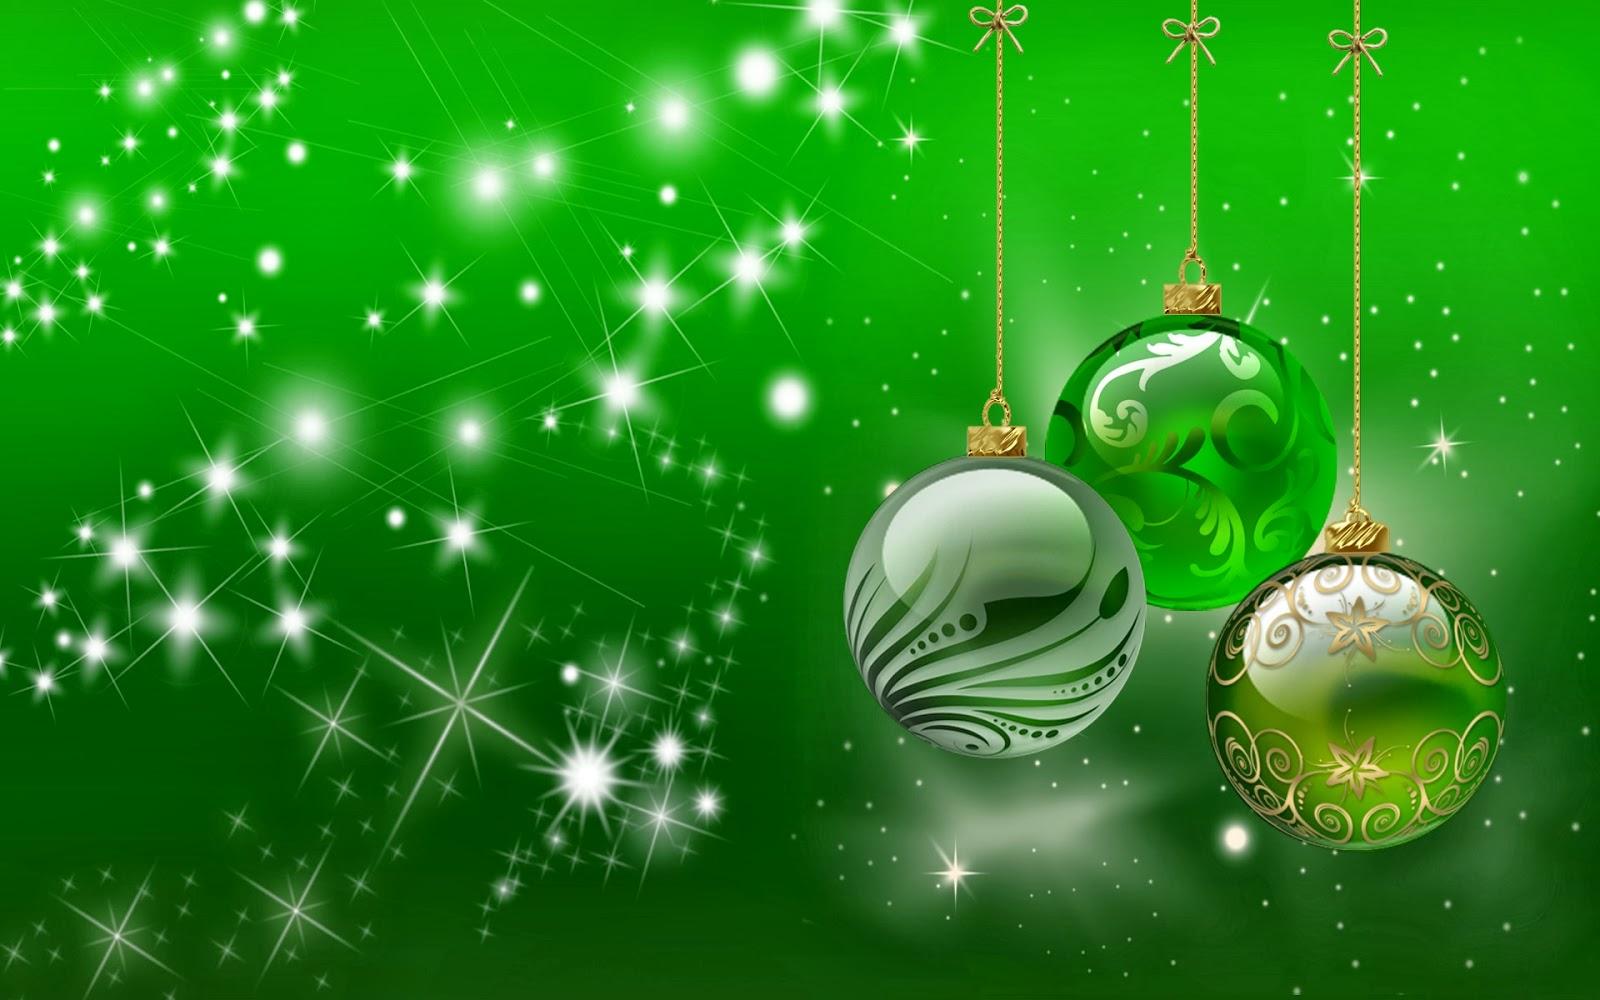 Green Christmas Background HD Wallpaper | hdblogwallpaper